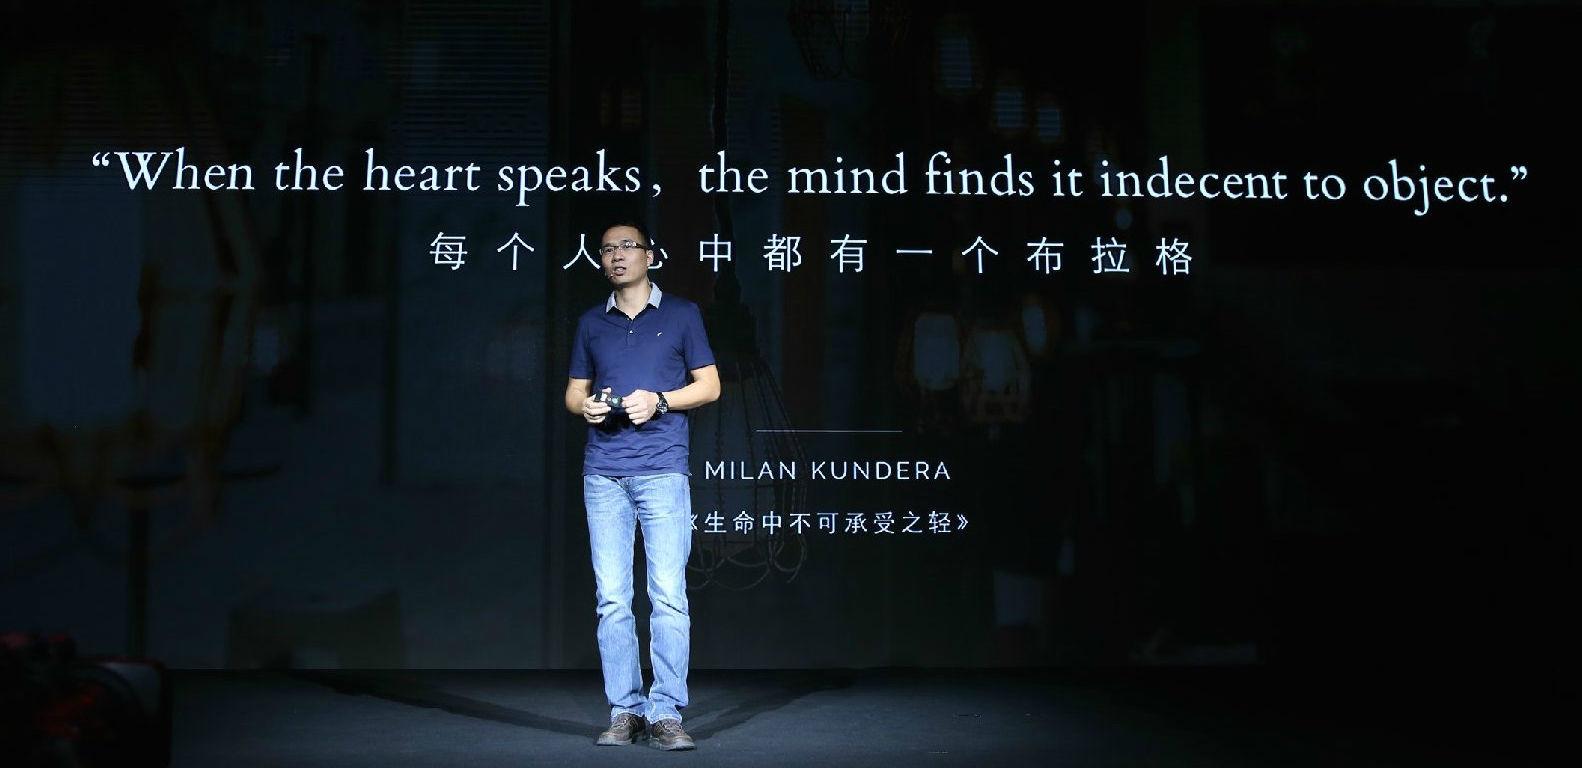 为了宣传新手机,努比亚在北京办了一次「捷克文化节」